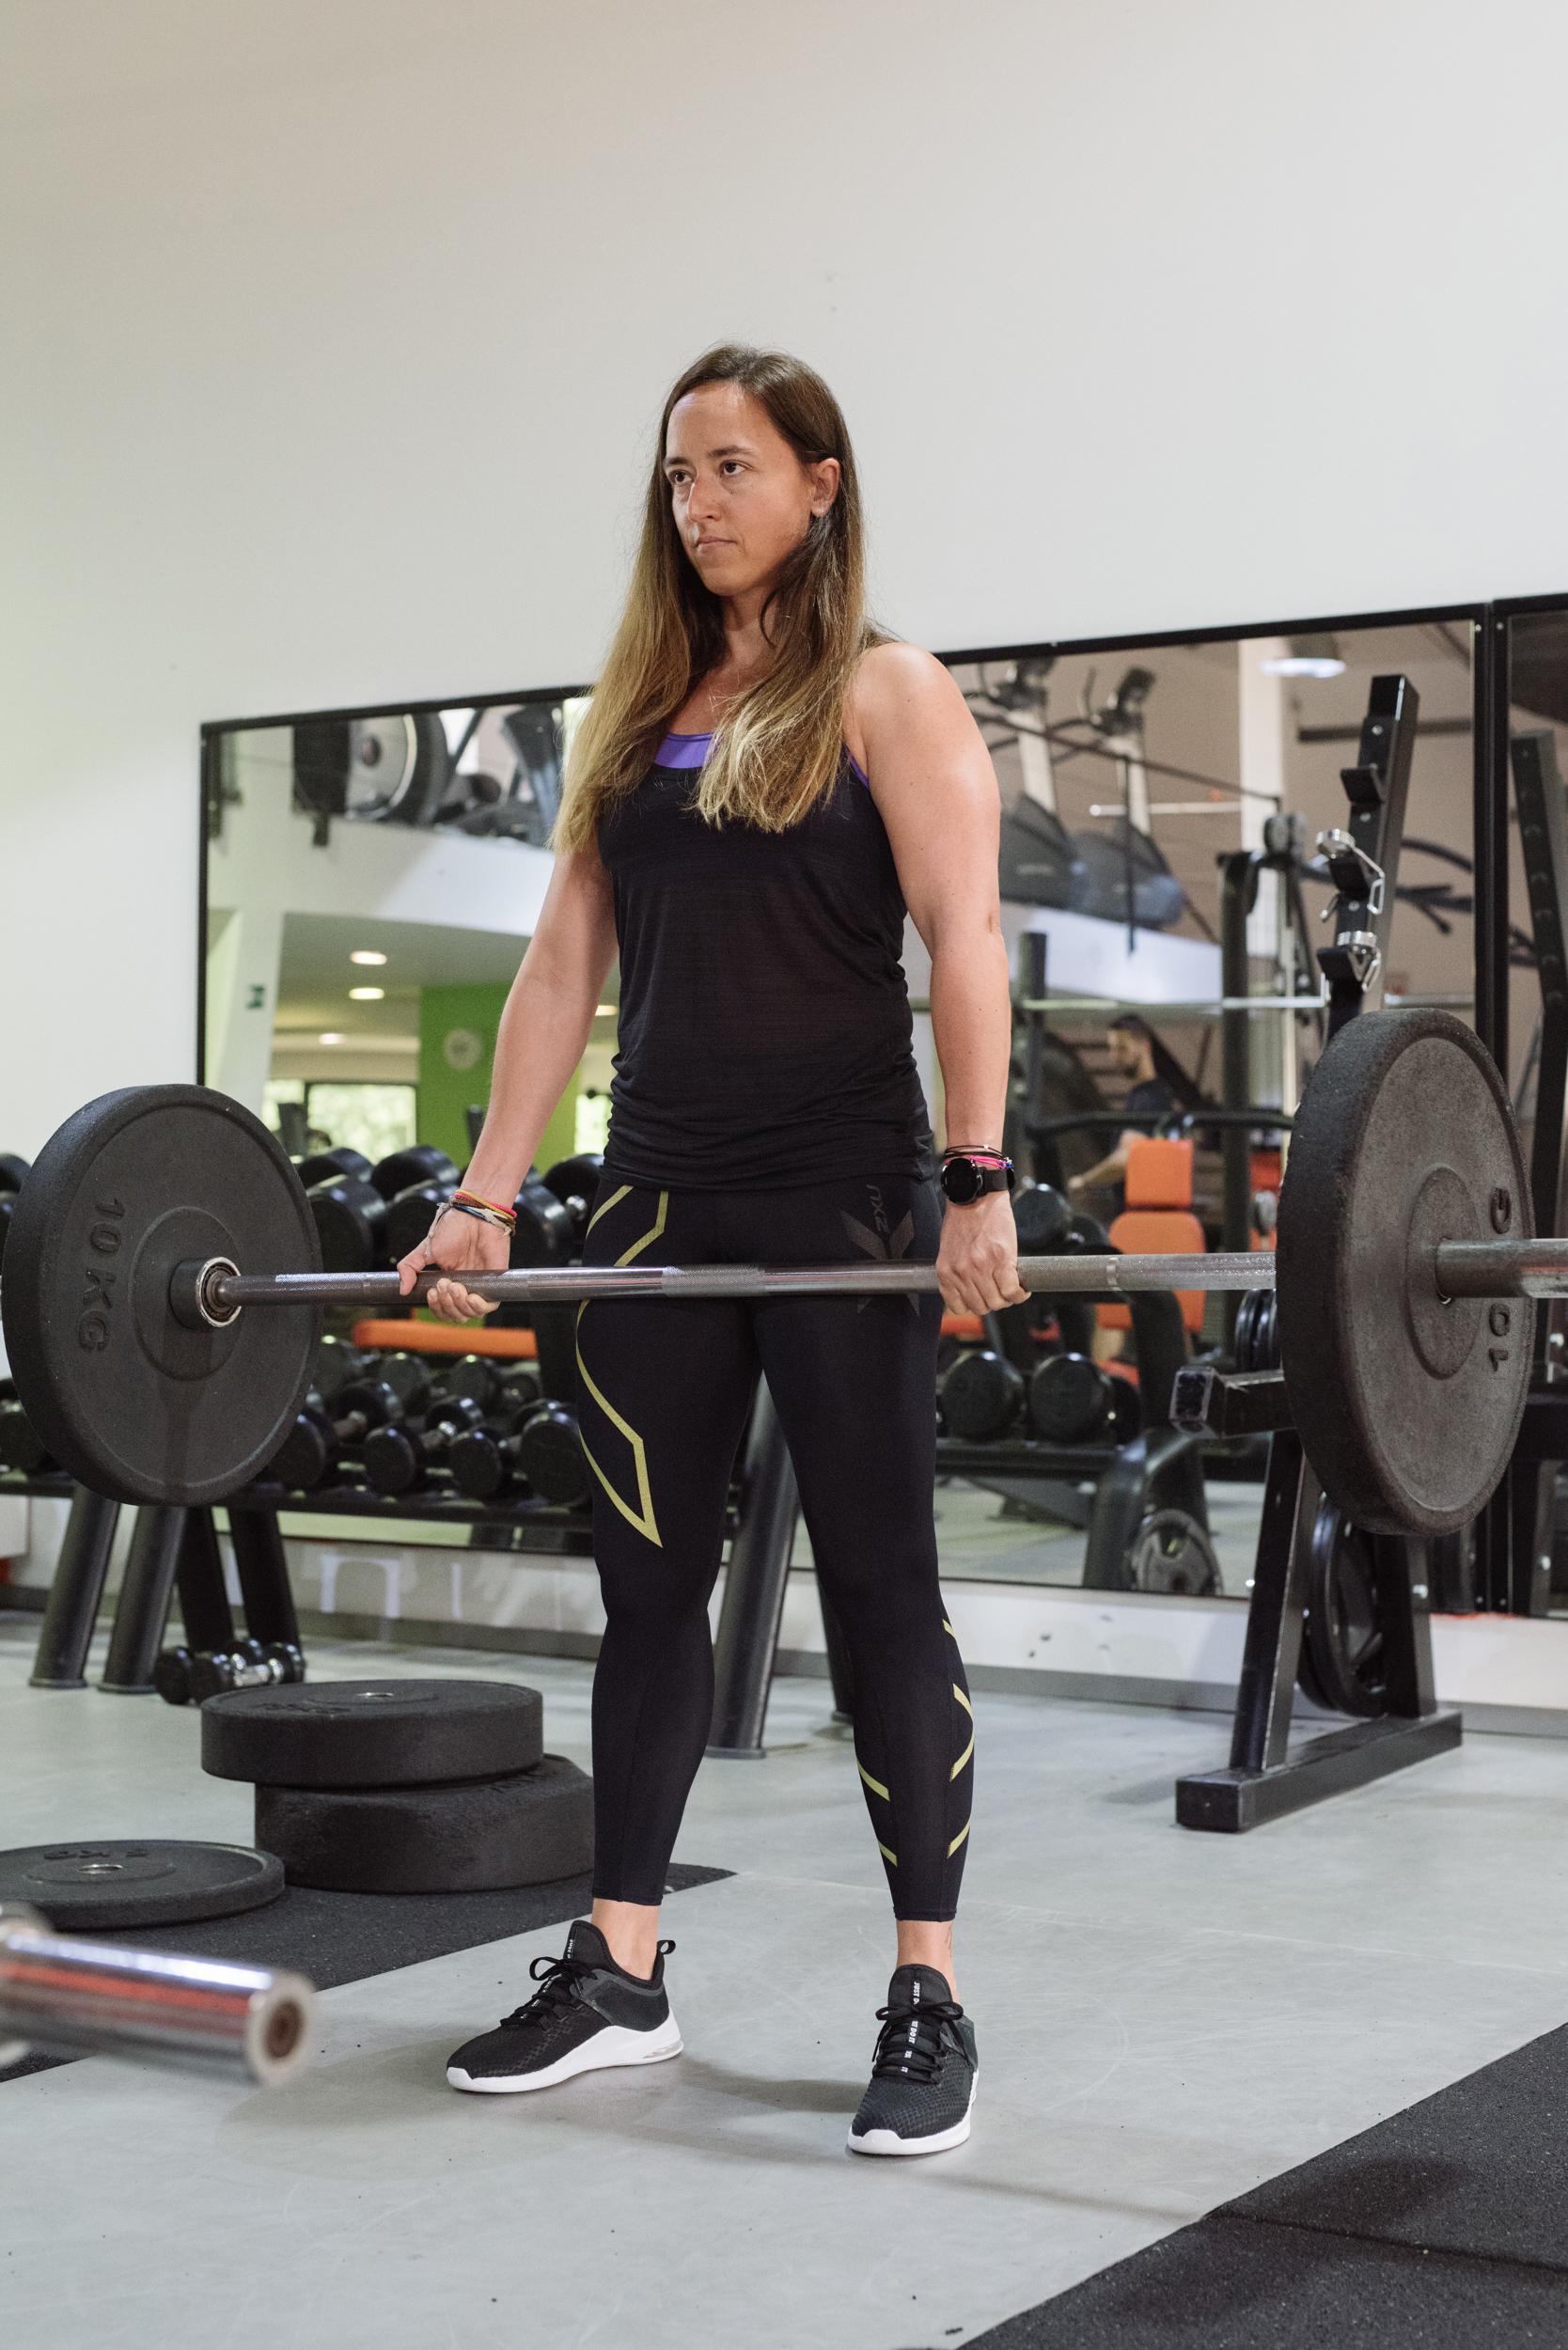 upoznavanje sa svojim fitness trenerom telefonski broj stranice za upoznavanje